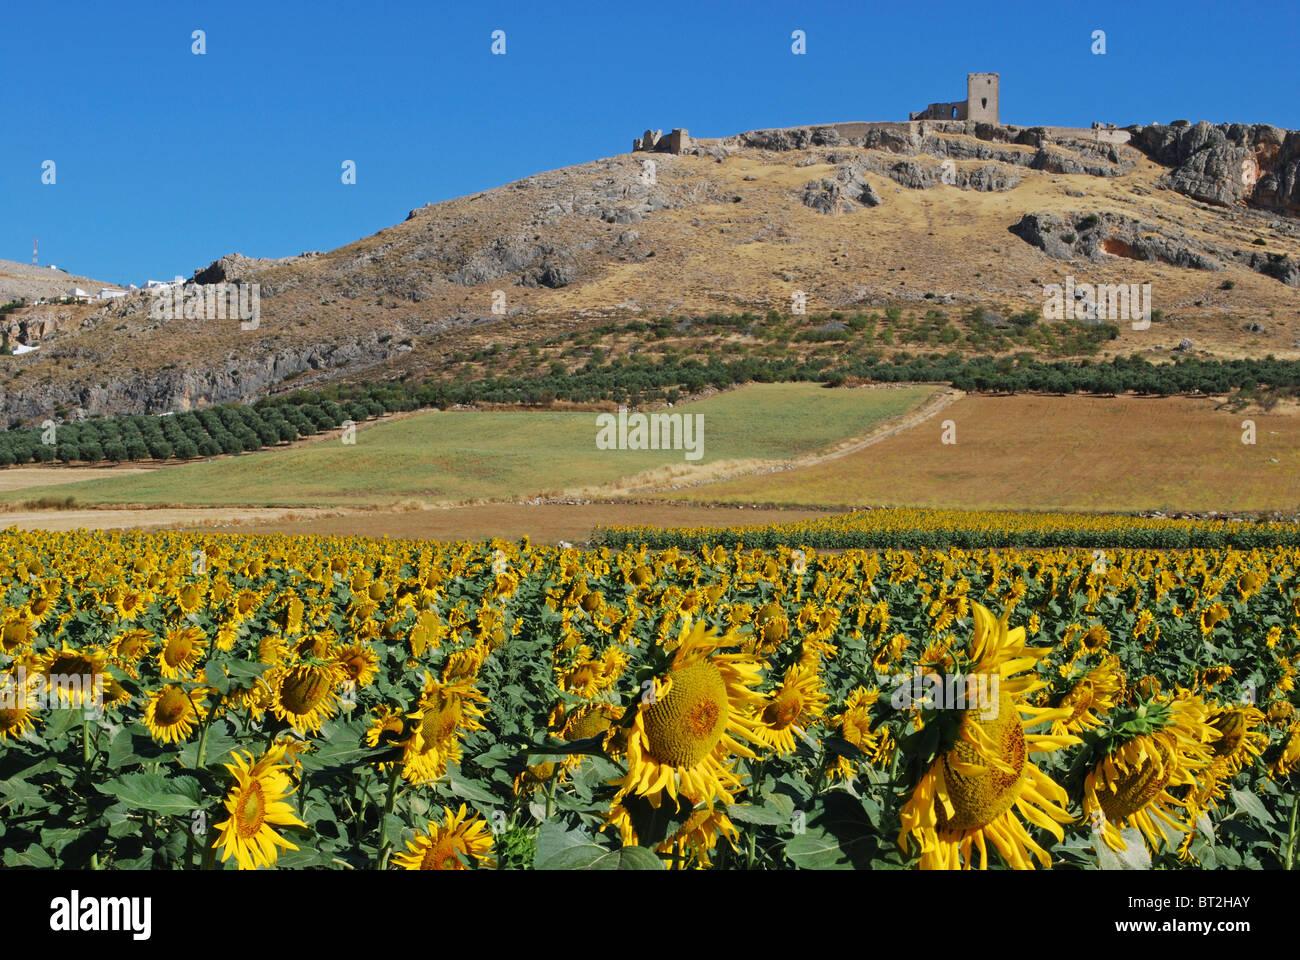 Campo di girasoli con il castello al posteriore, Teba, provincia di Malaga, Andalusia, Spagna, Europa occidentale. Immagini Stock